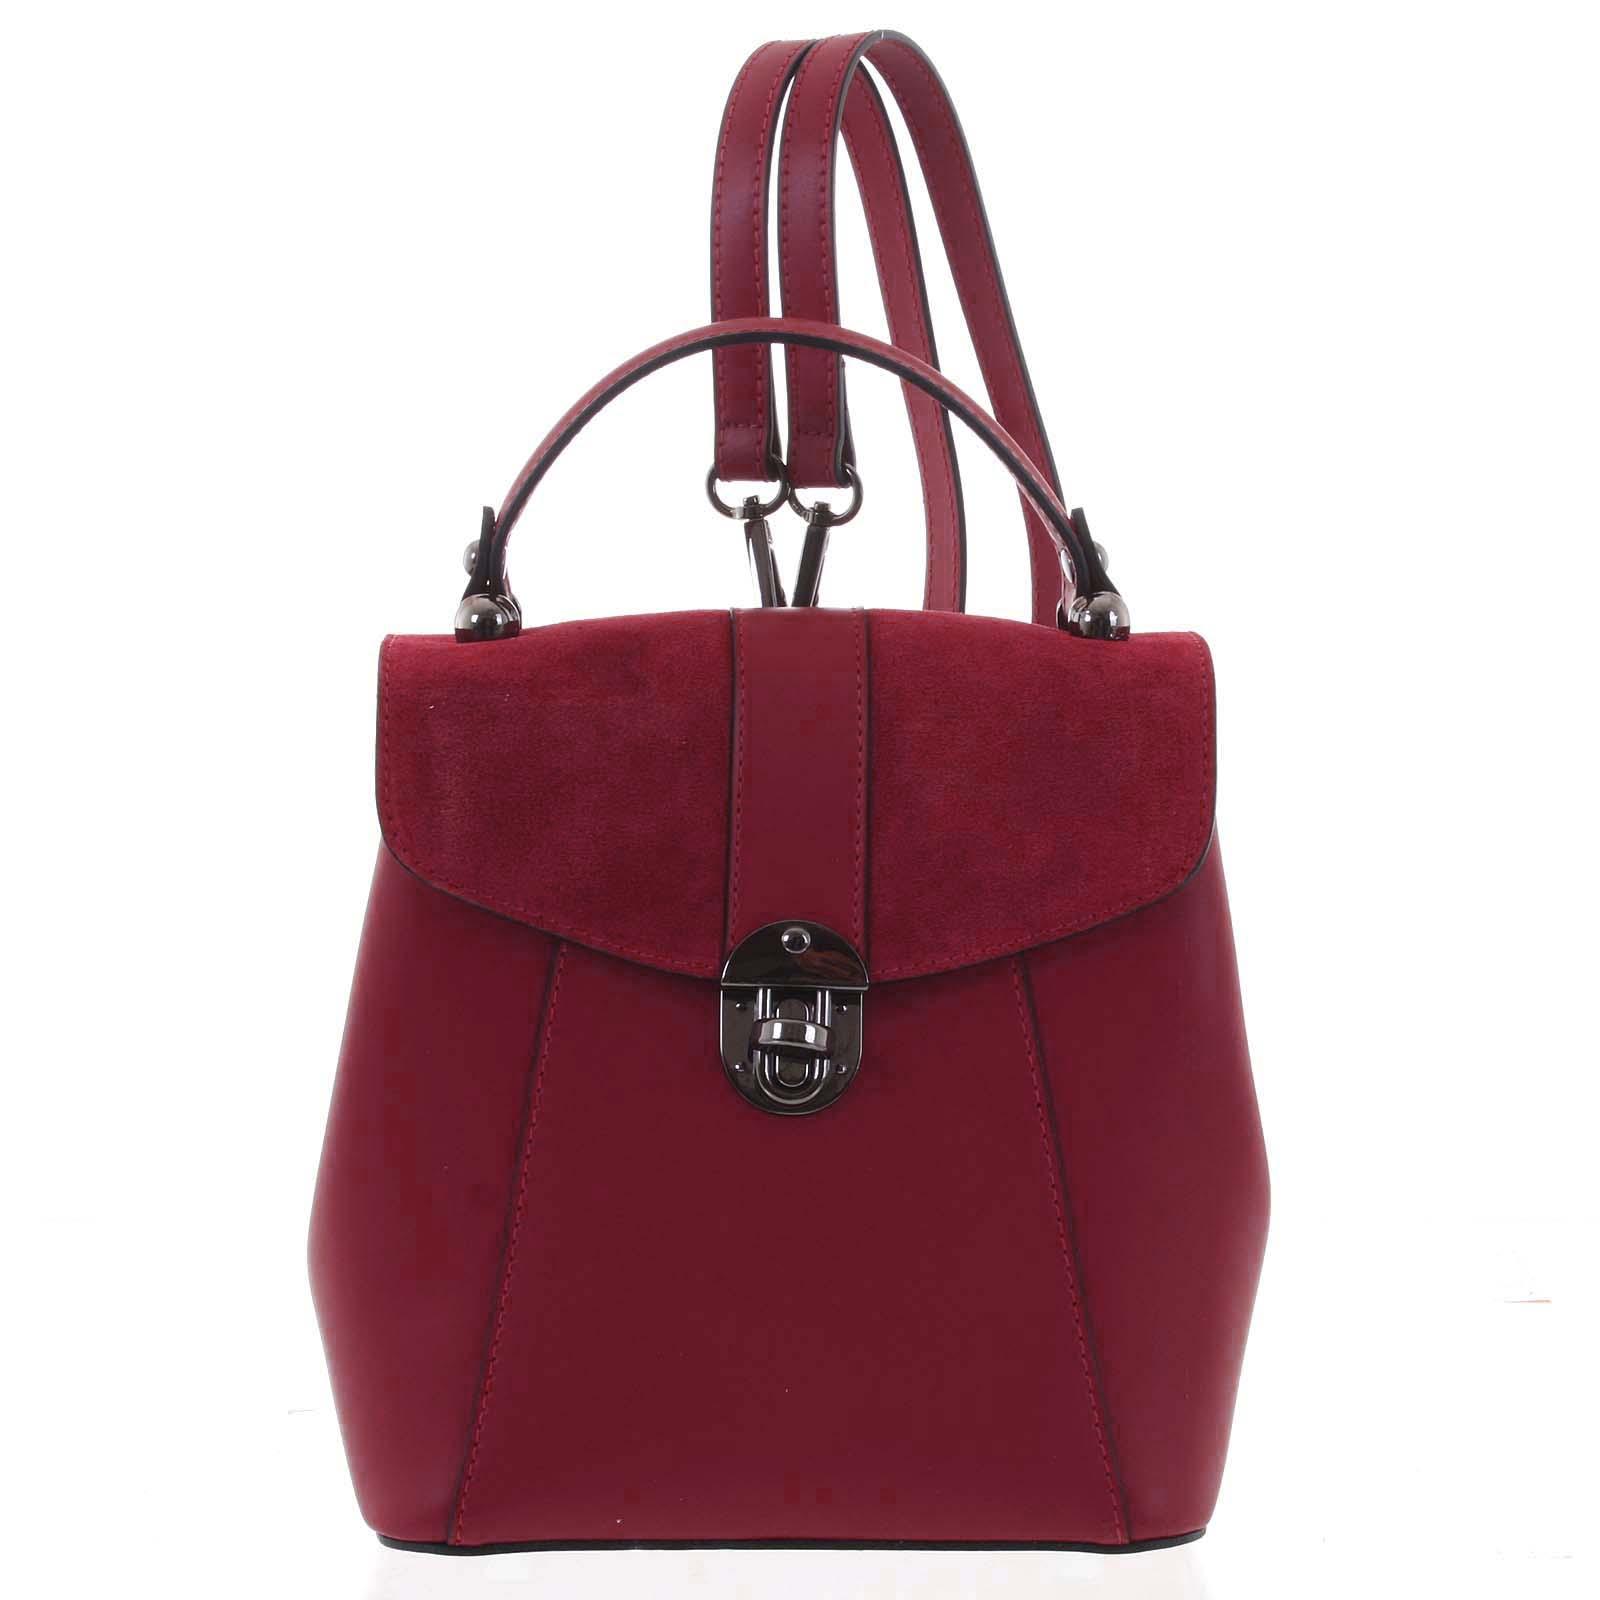 Dámský originální kožený červený batůžek/kabelka - ItalY Acnes